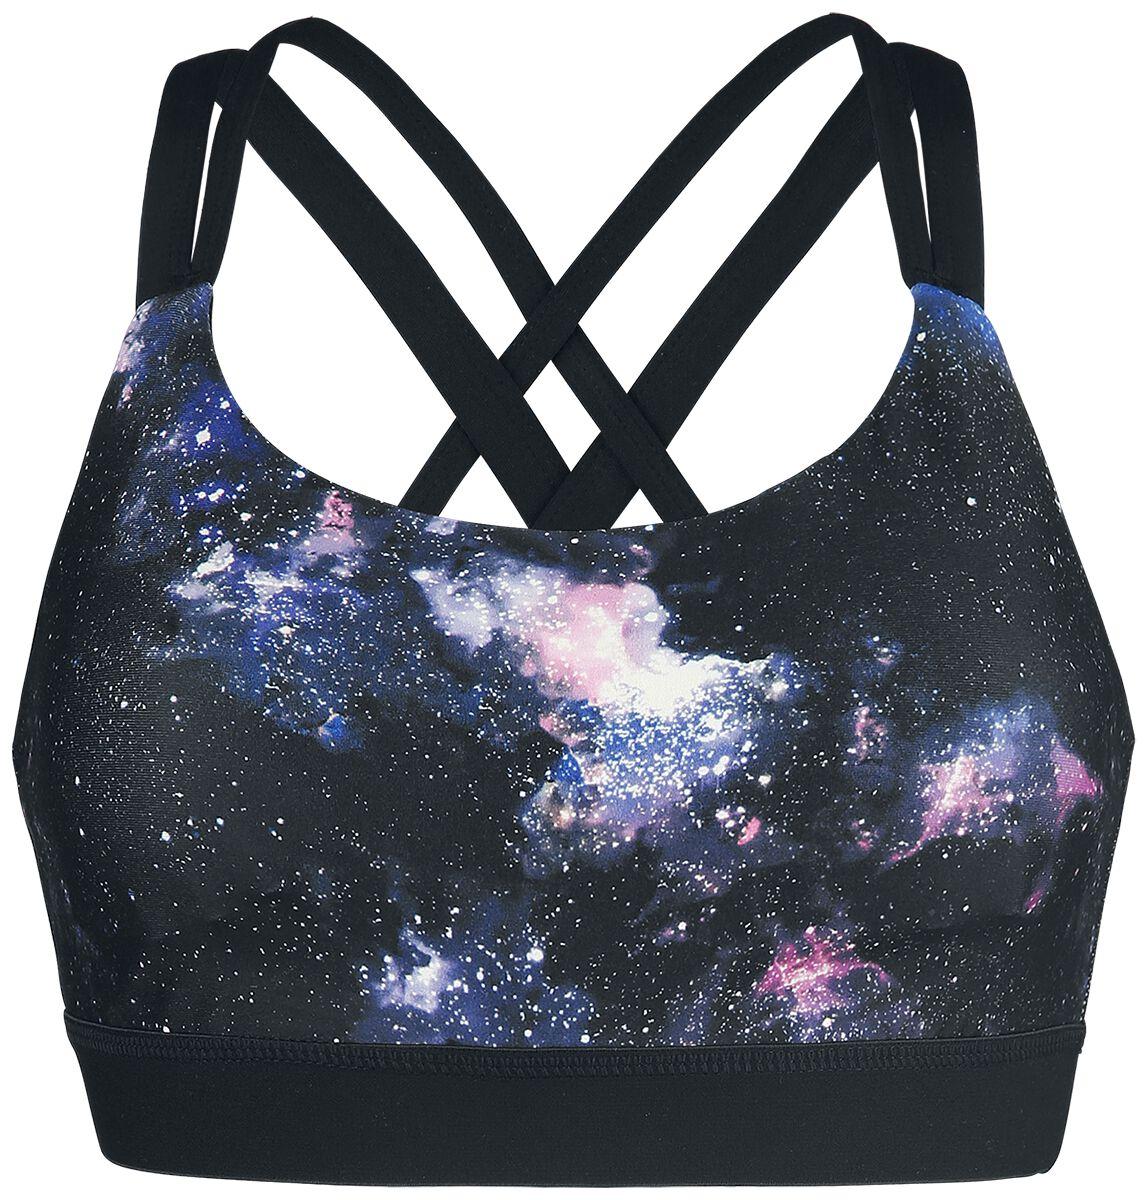 Marki - Bielizna - Bielizna Her Universe Galaxy Bielizna wielokolorowy - 362117